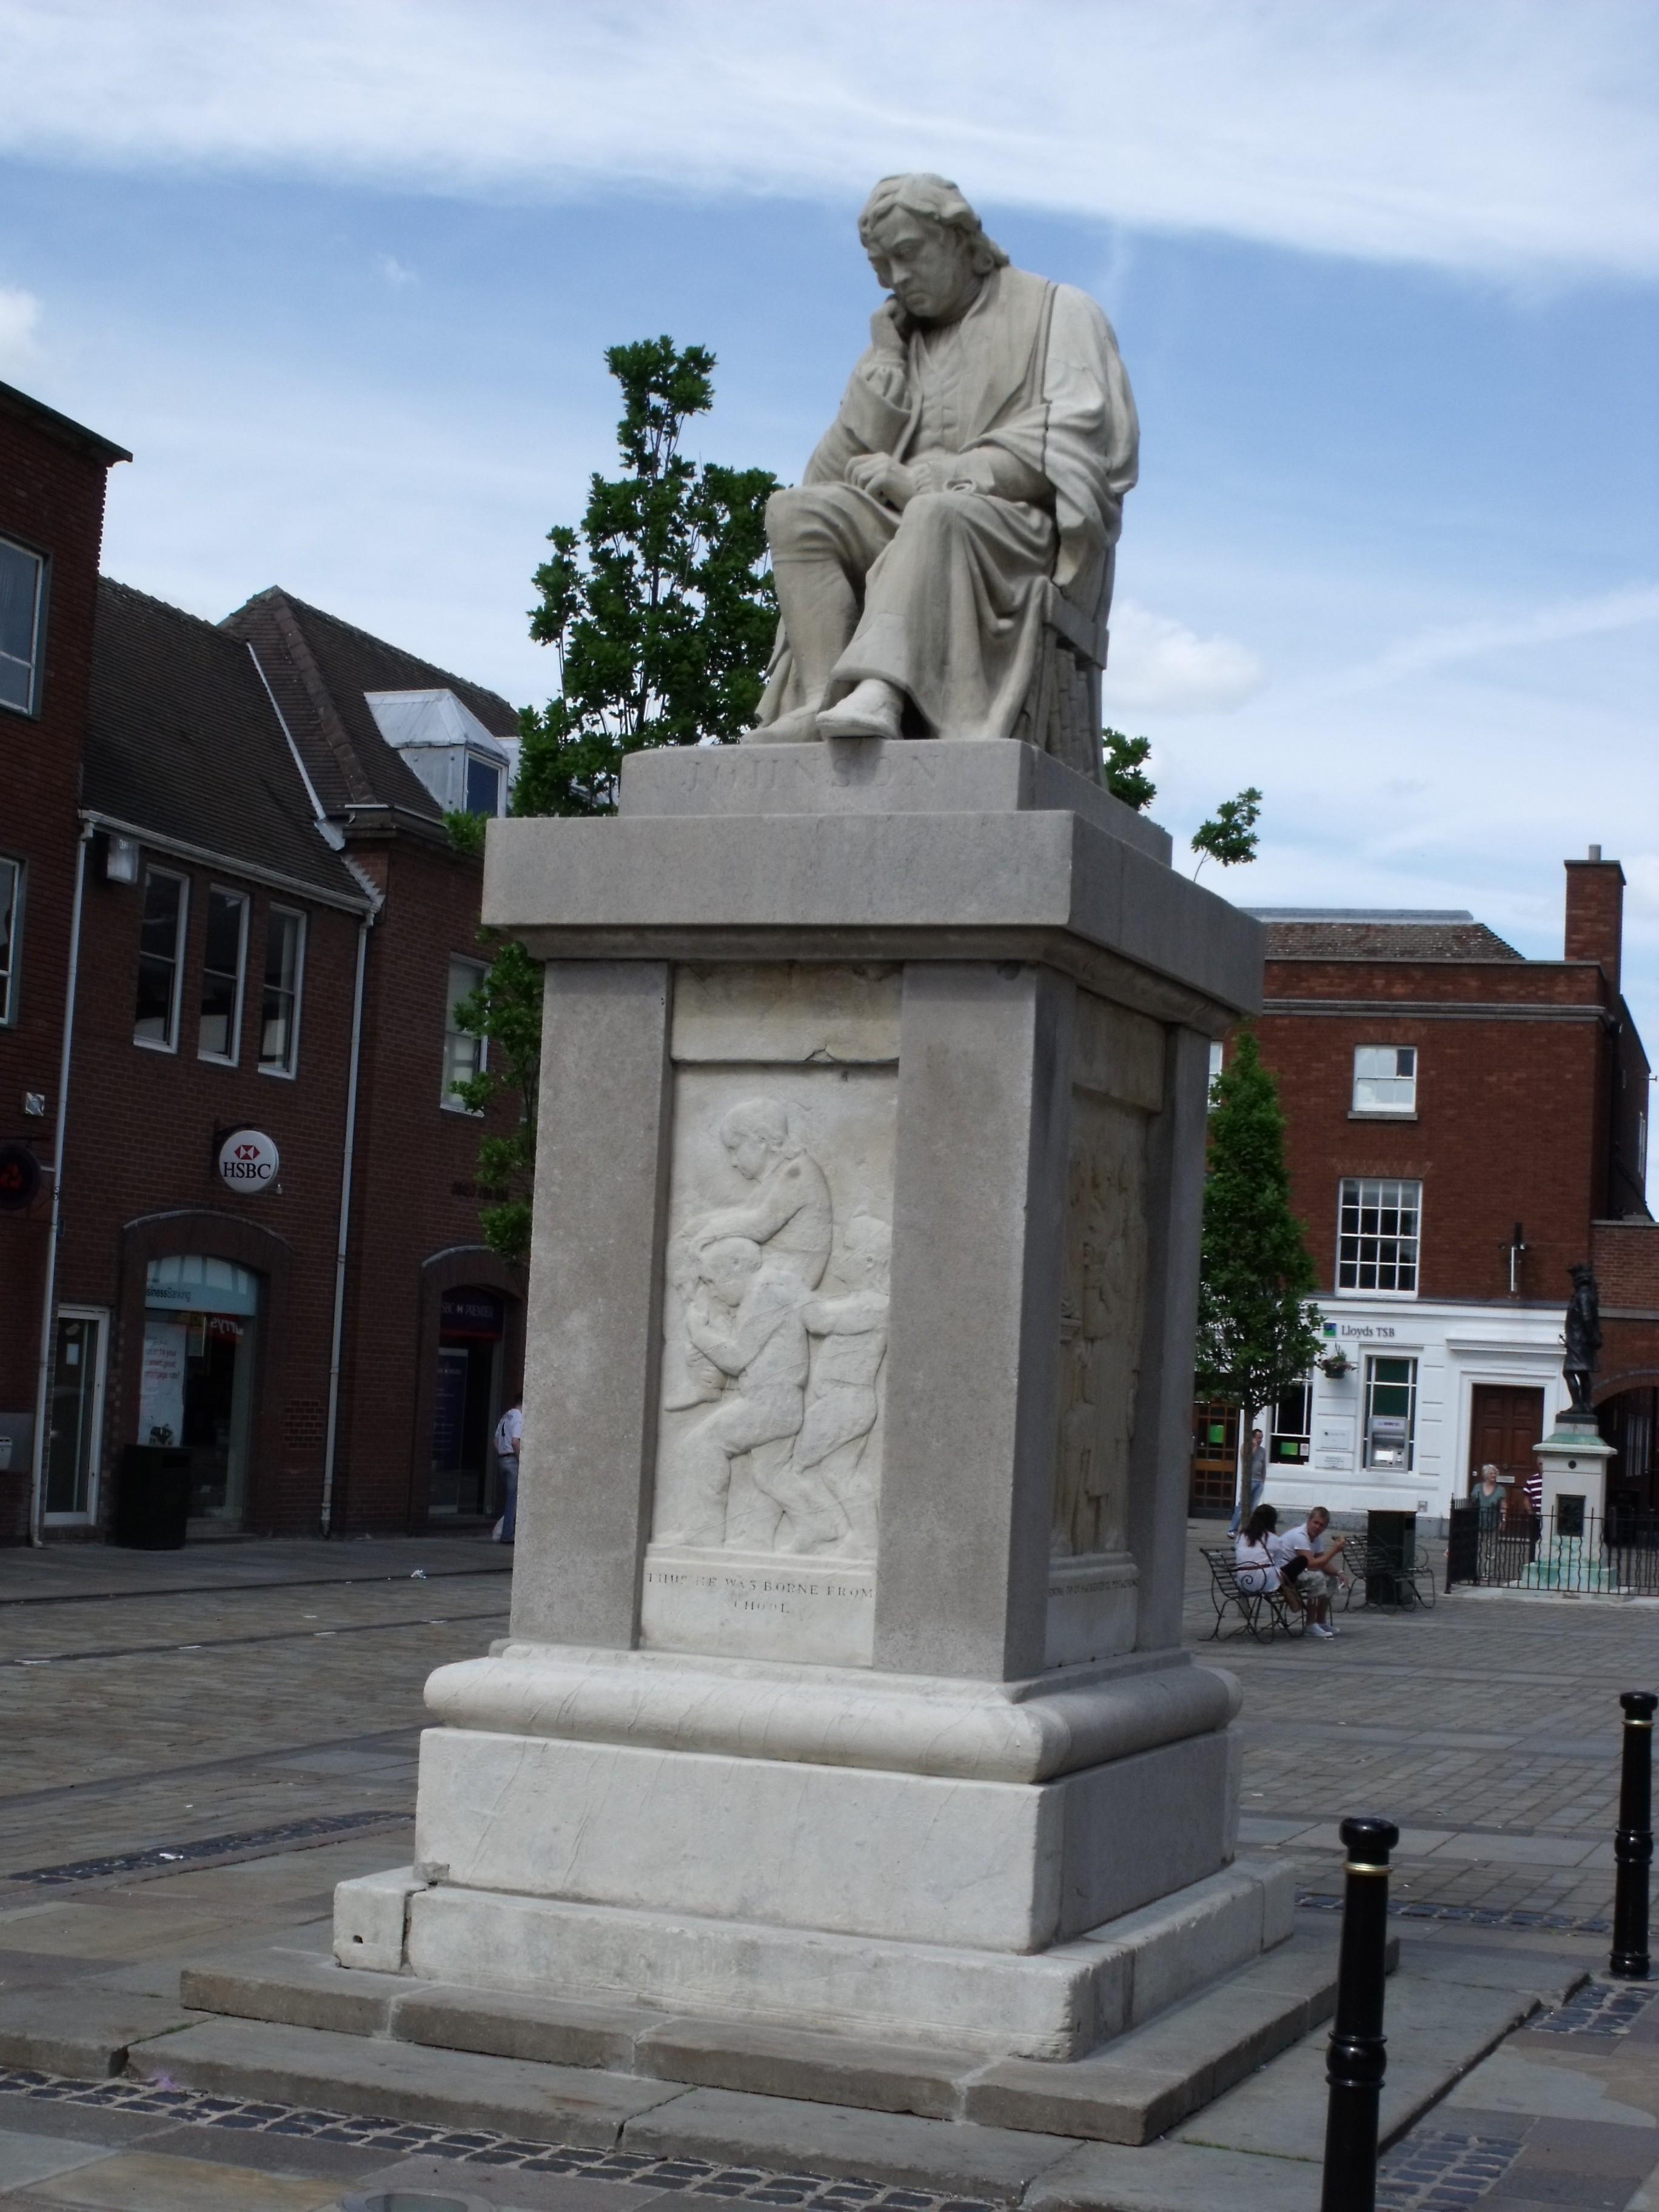 File:Statue of Dr Samuel Johnson in Lichfield Market Square